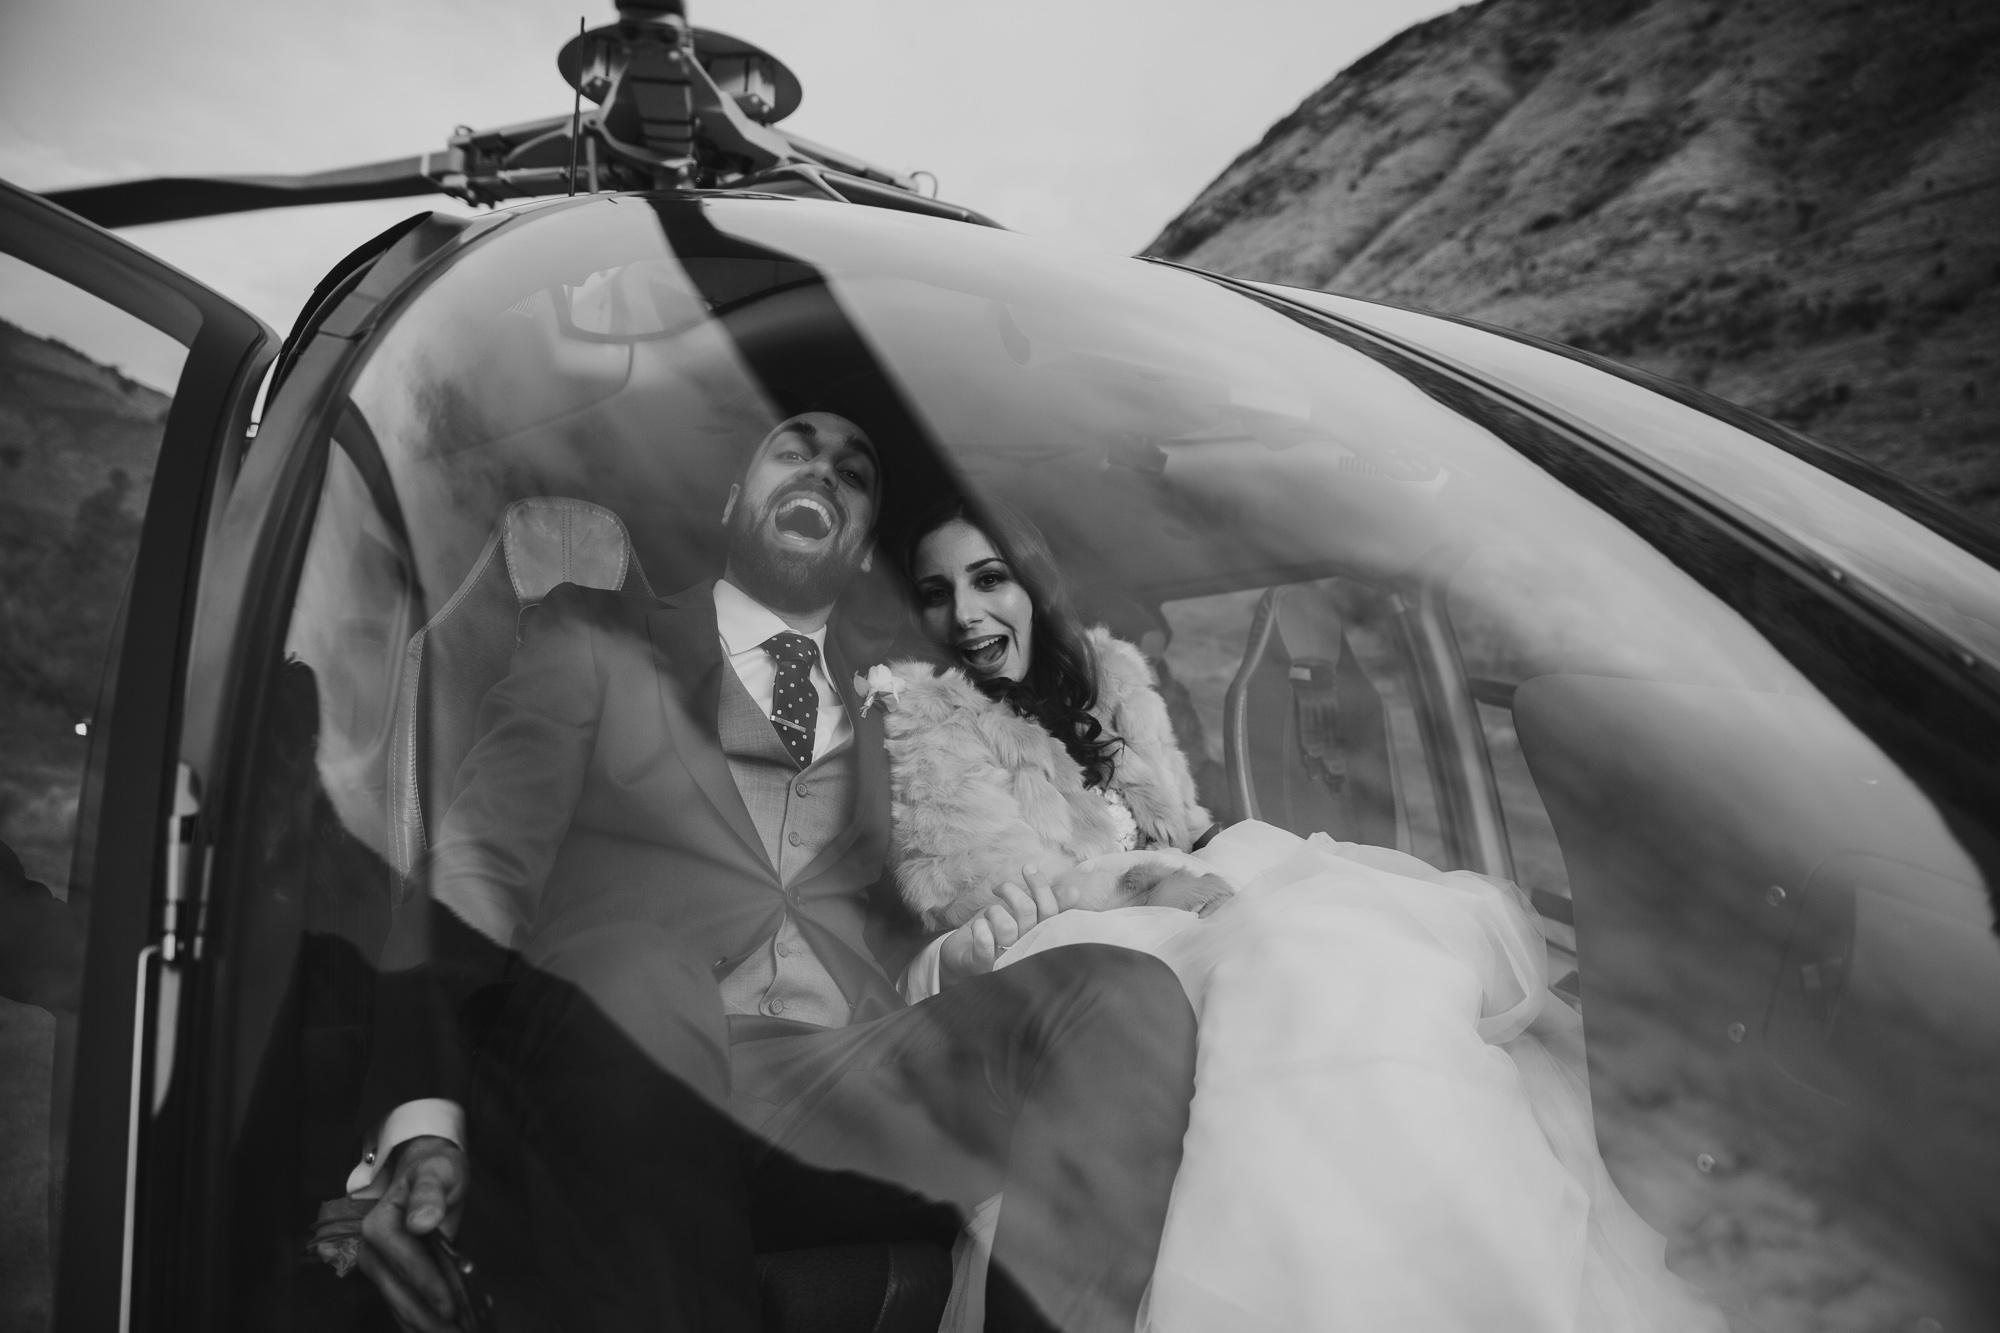 Heli Wedding photos in Queenstown New Zealand